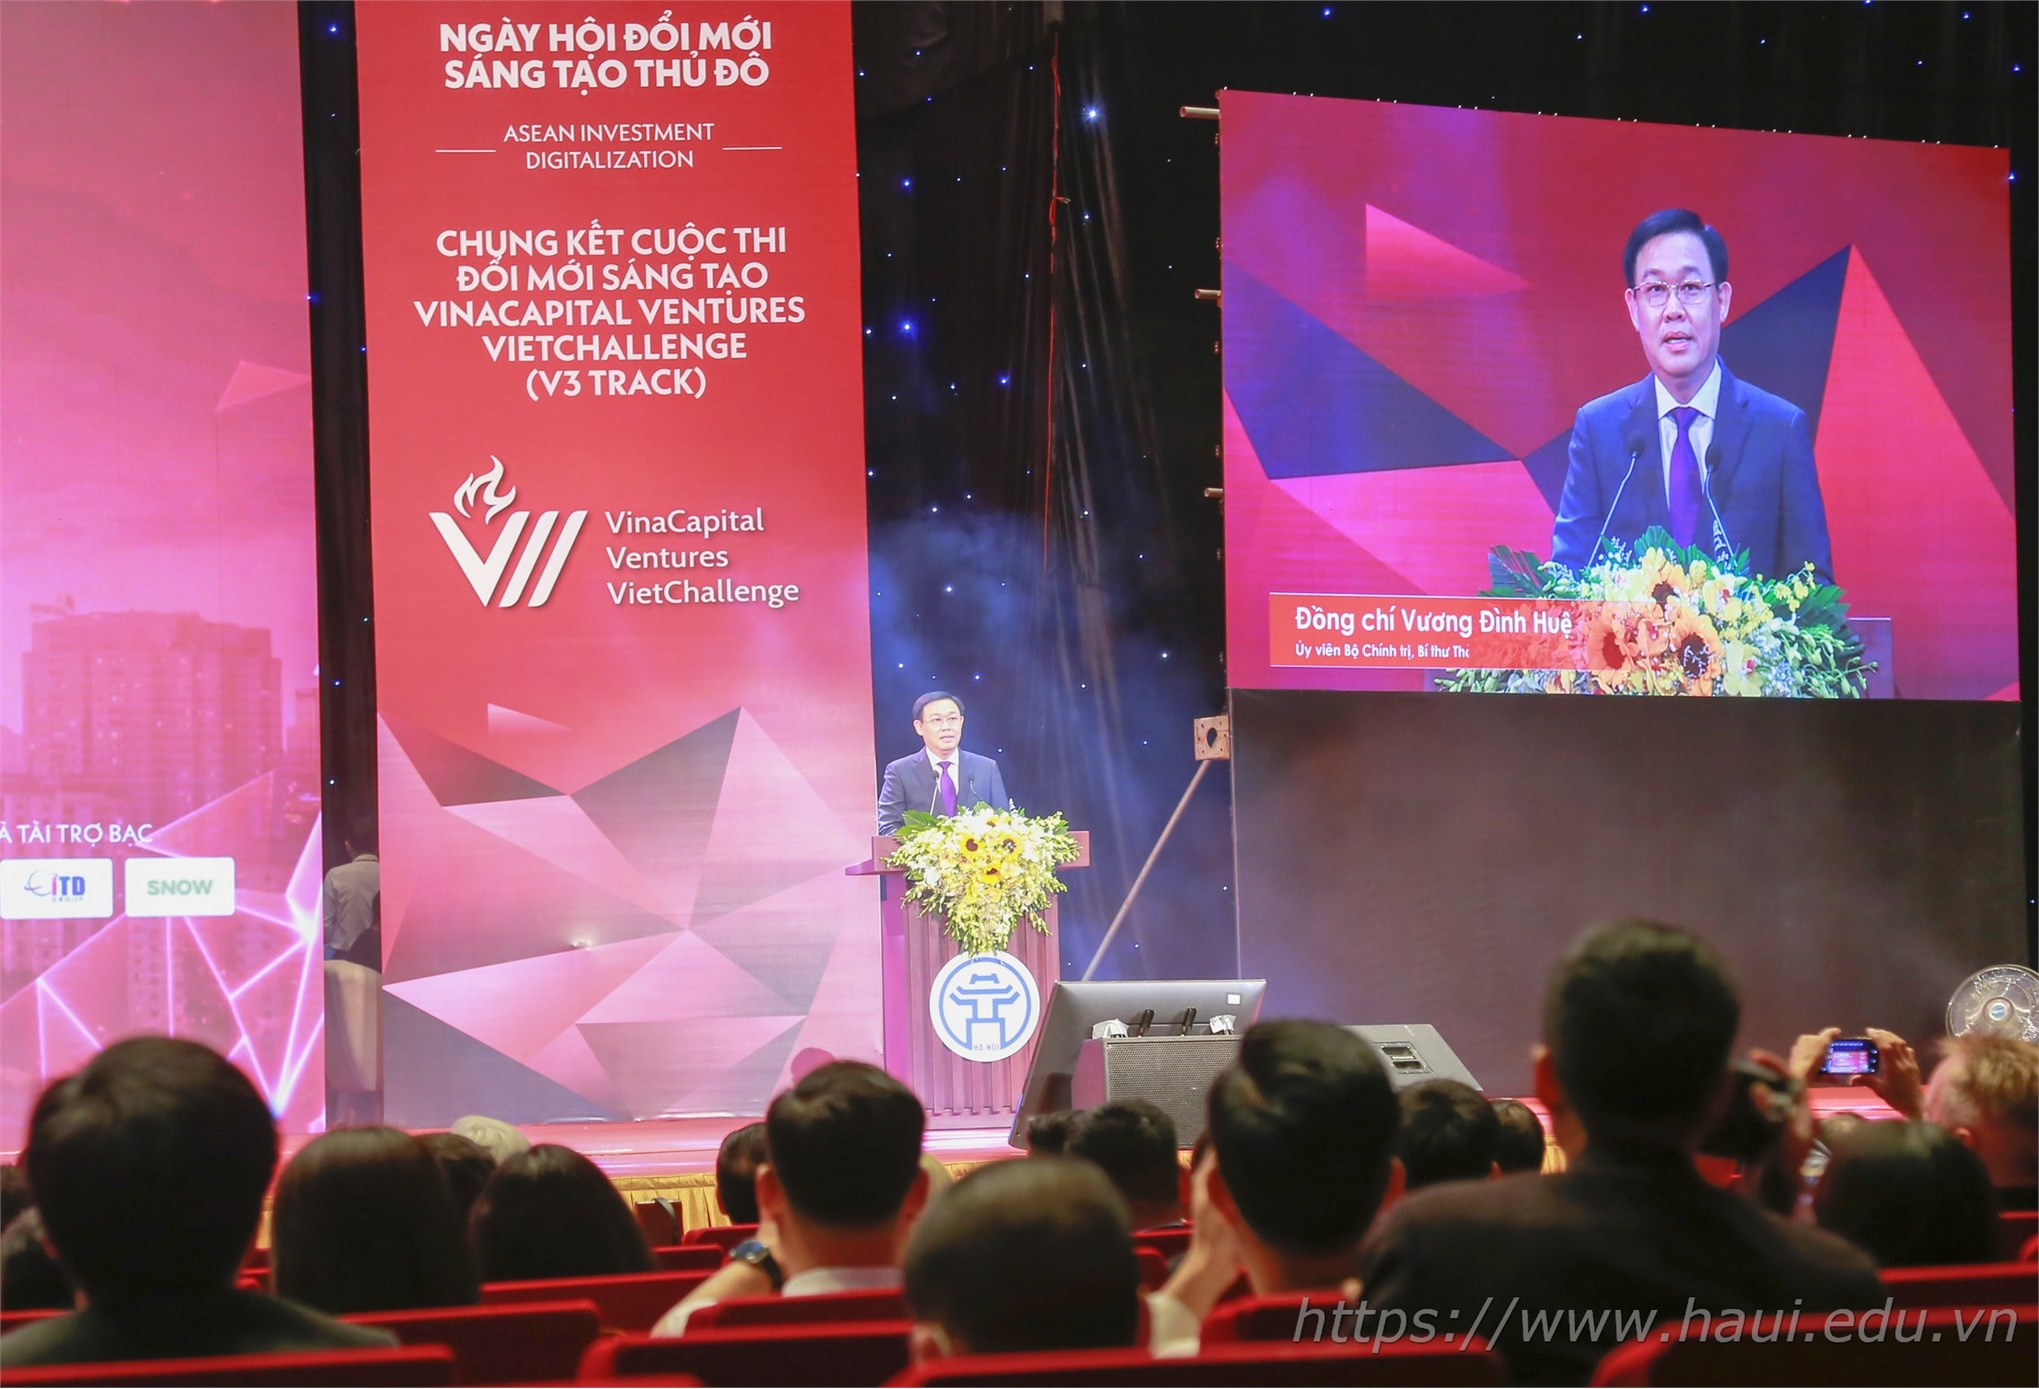 Đại học Công nghiệp Hà Nội tham gia mạng lưới Đổi mới sáng tạo Thủ đô